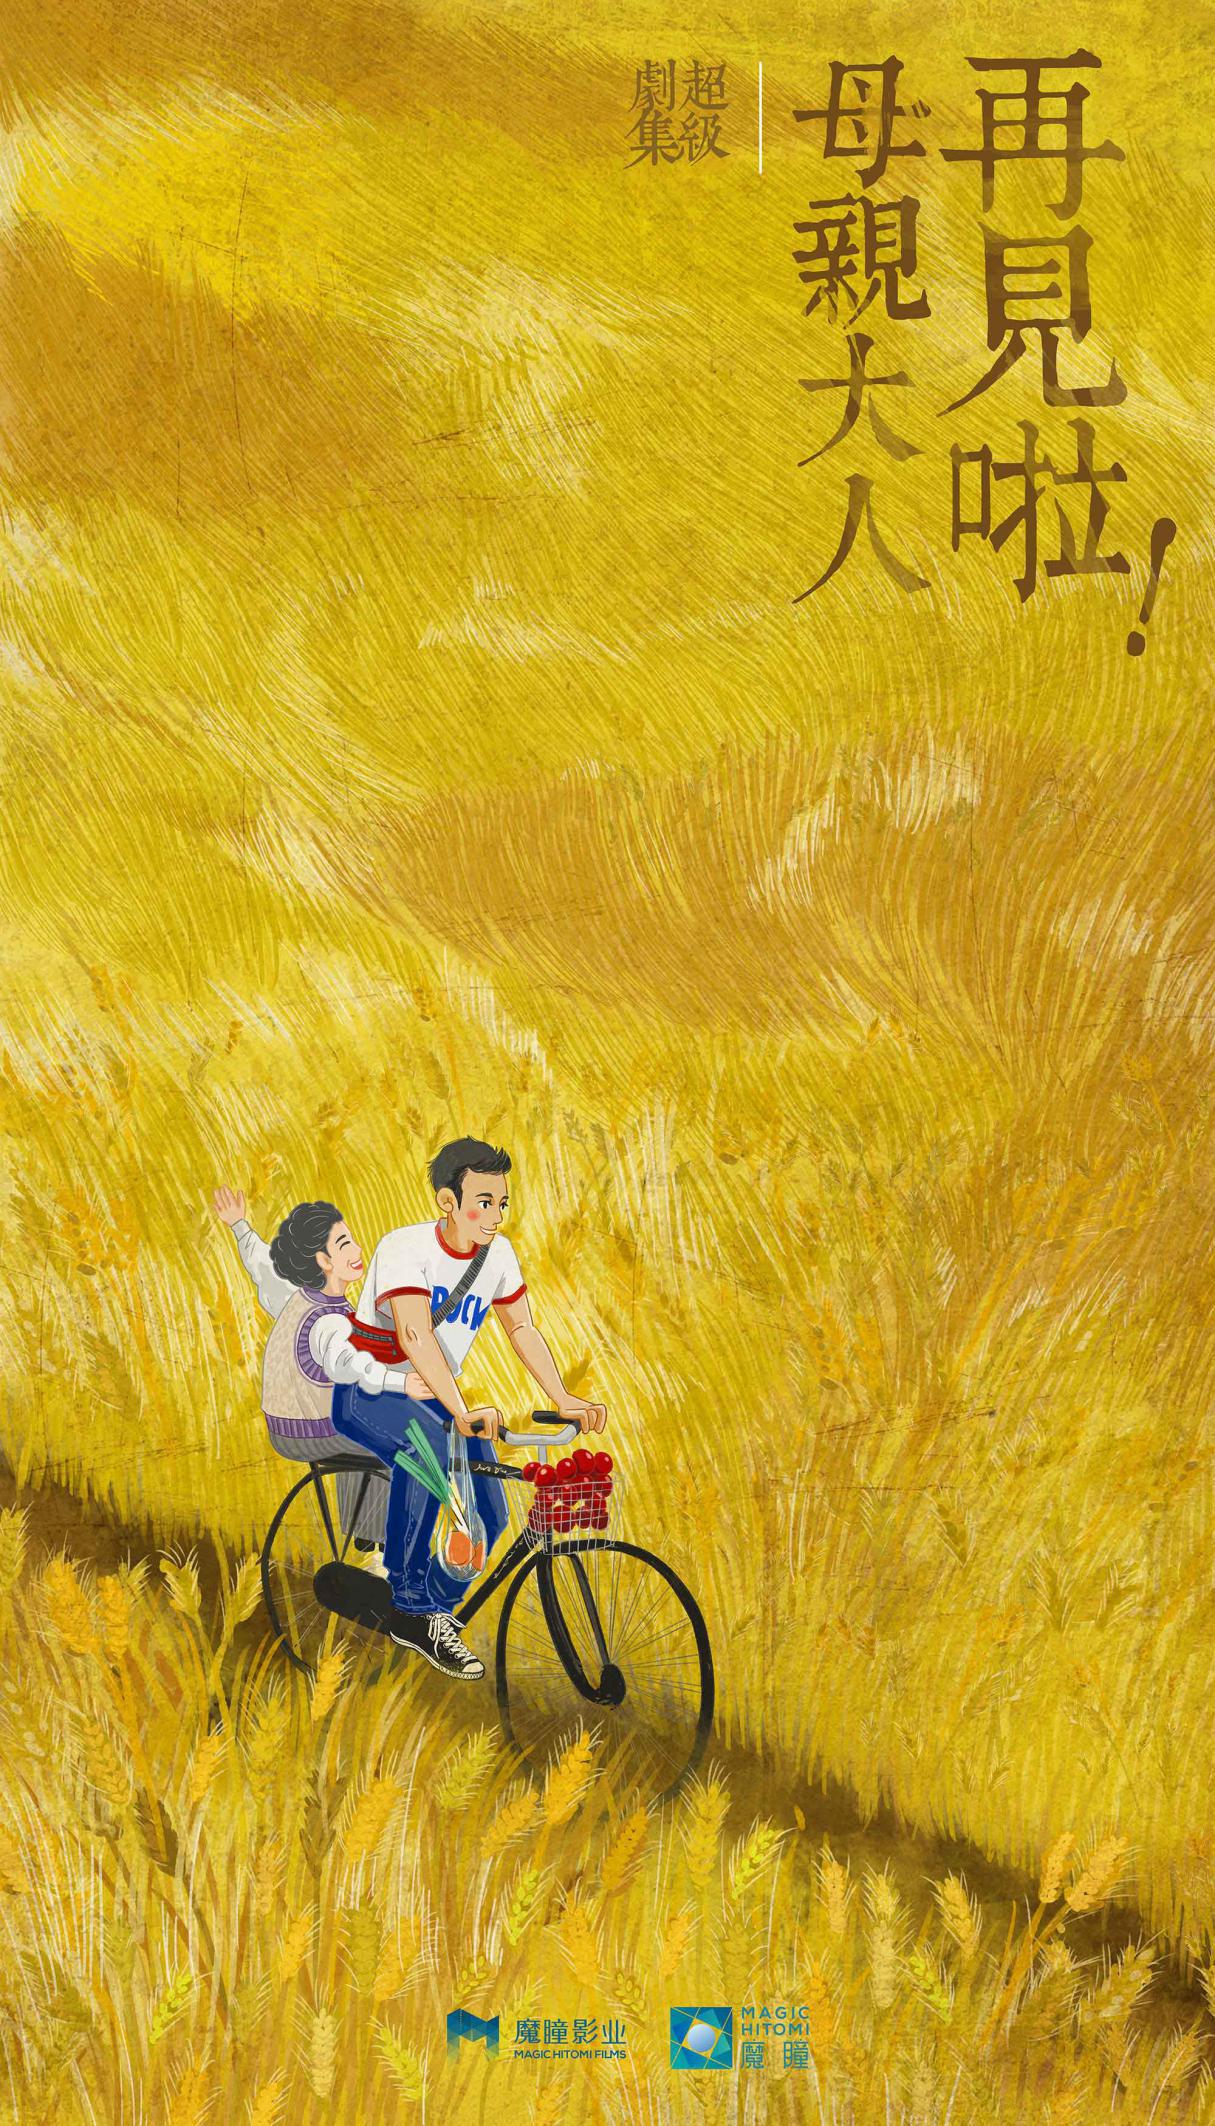 魔瞳影业亮相上海电视节 打造极具期待时代亲情剧